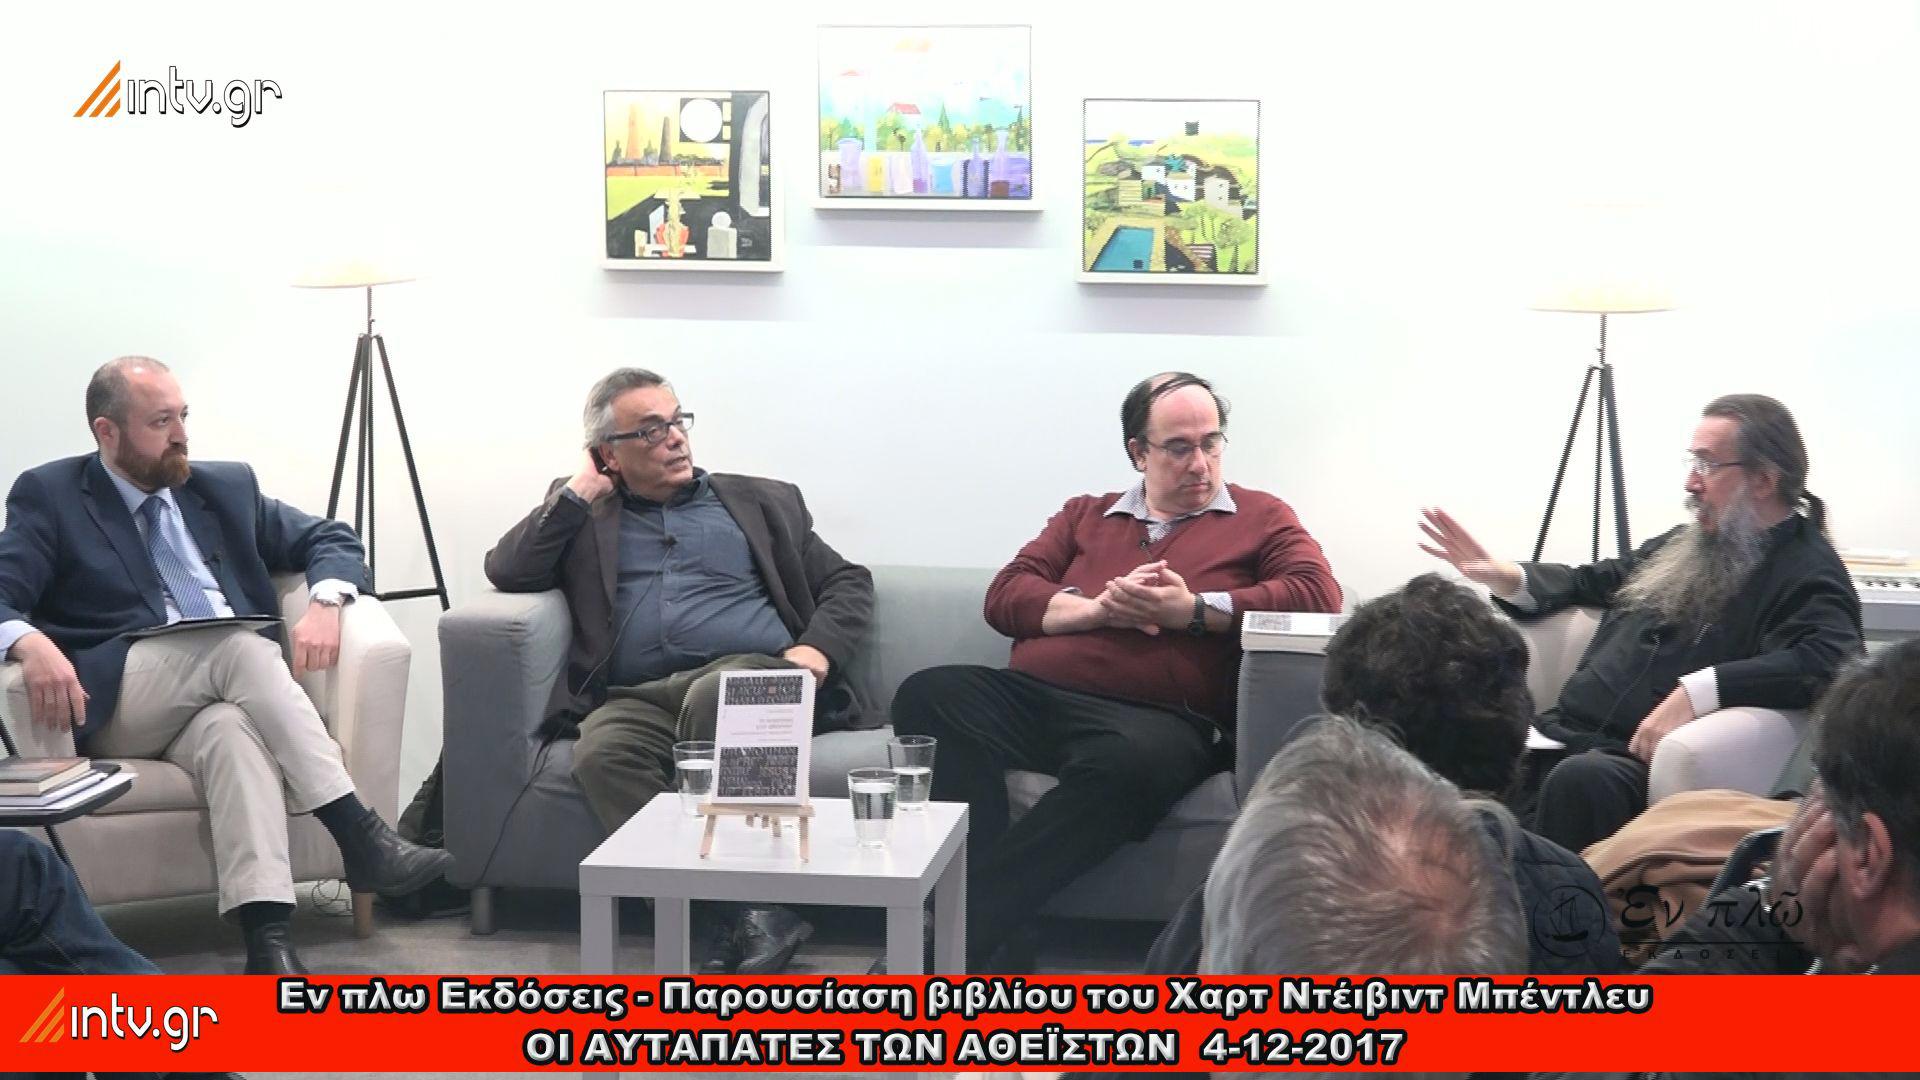 Εν πλω Εκδόσεις - Παρουσίαση βιβλίου του Χαρτ Ντέιβιντ Μπέντλευ ΟΙ ΑΥΤΑΠΑΤΕΣ ΤΩΝ ΑΘΕΪΣΤΩΝ